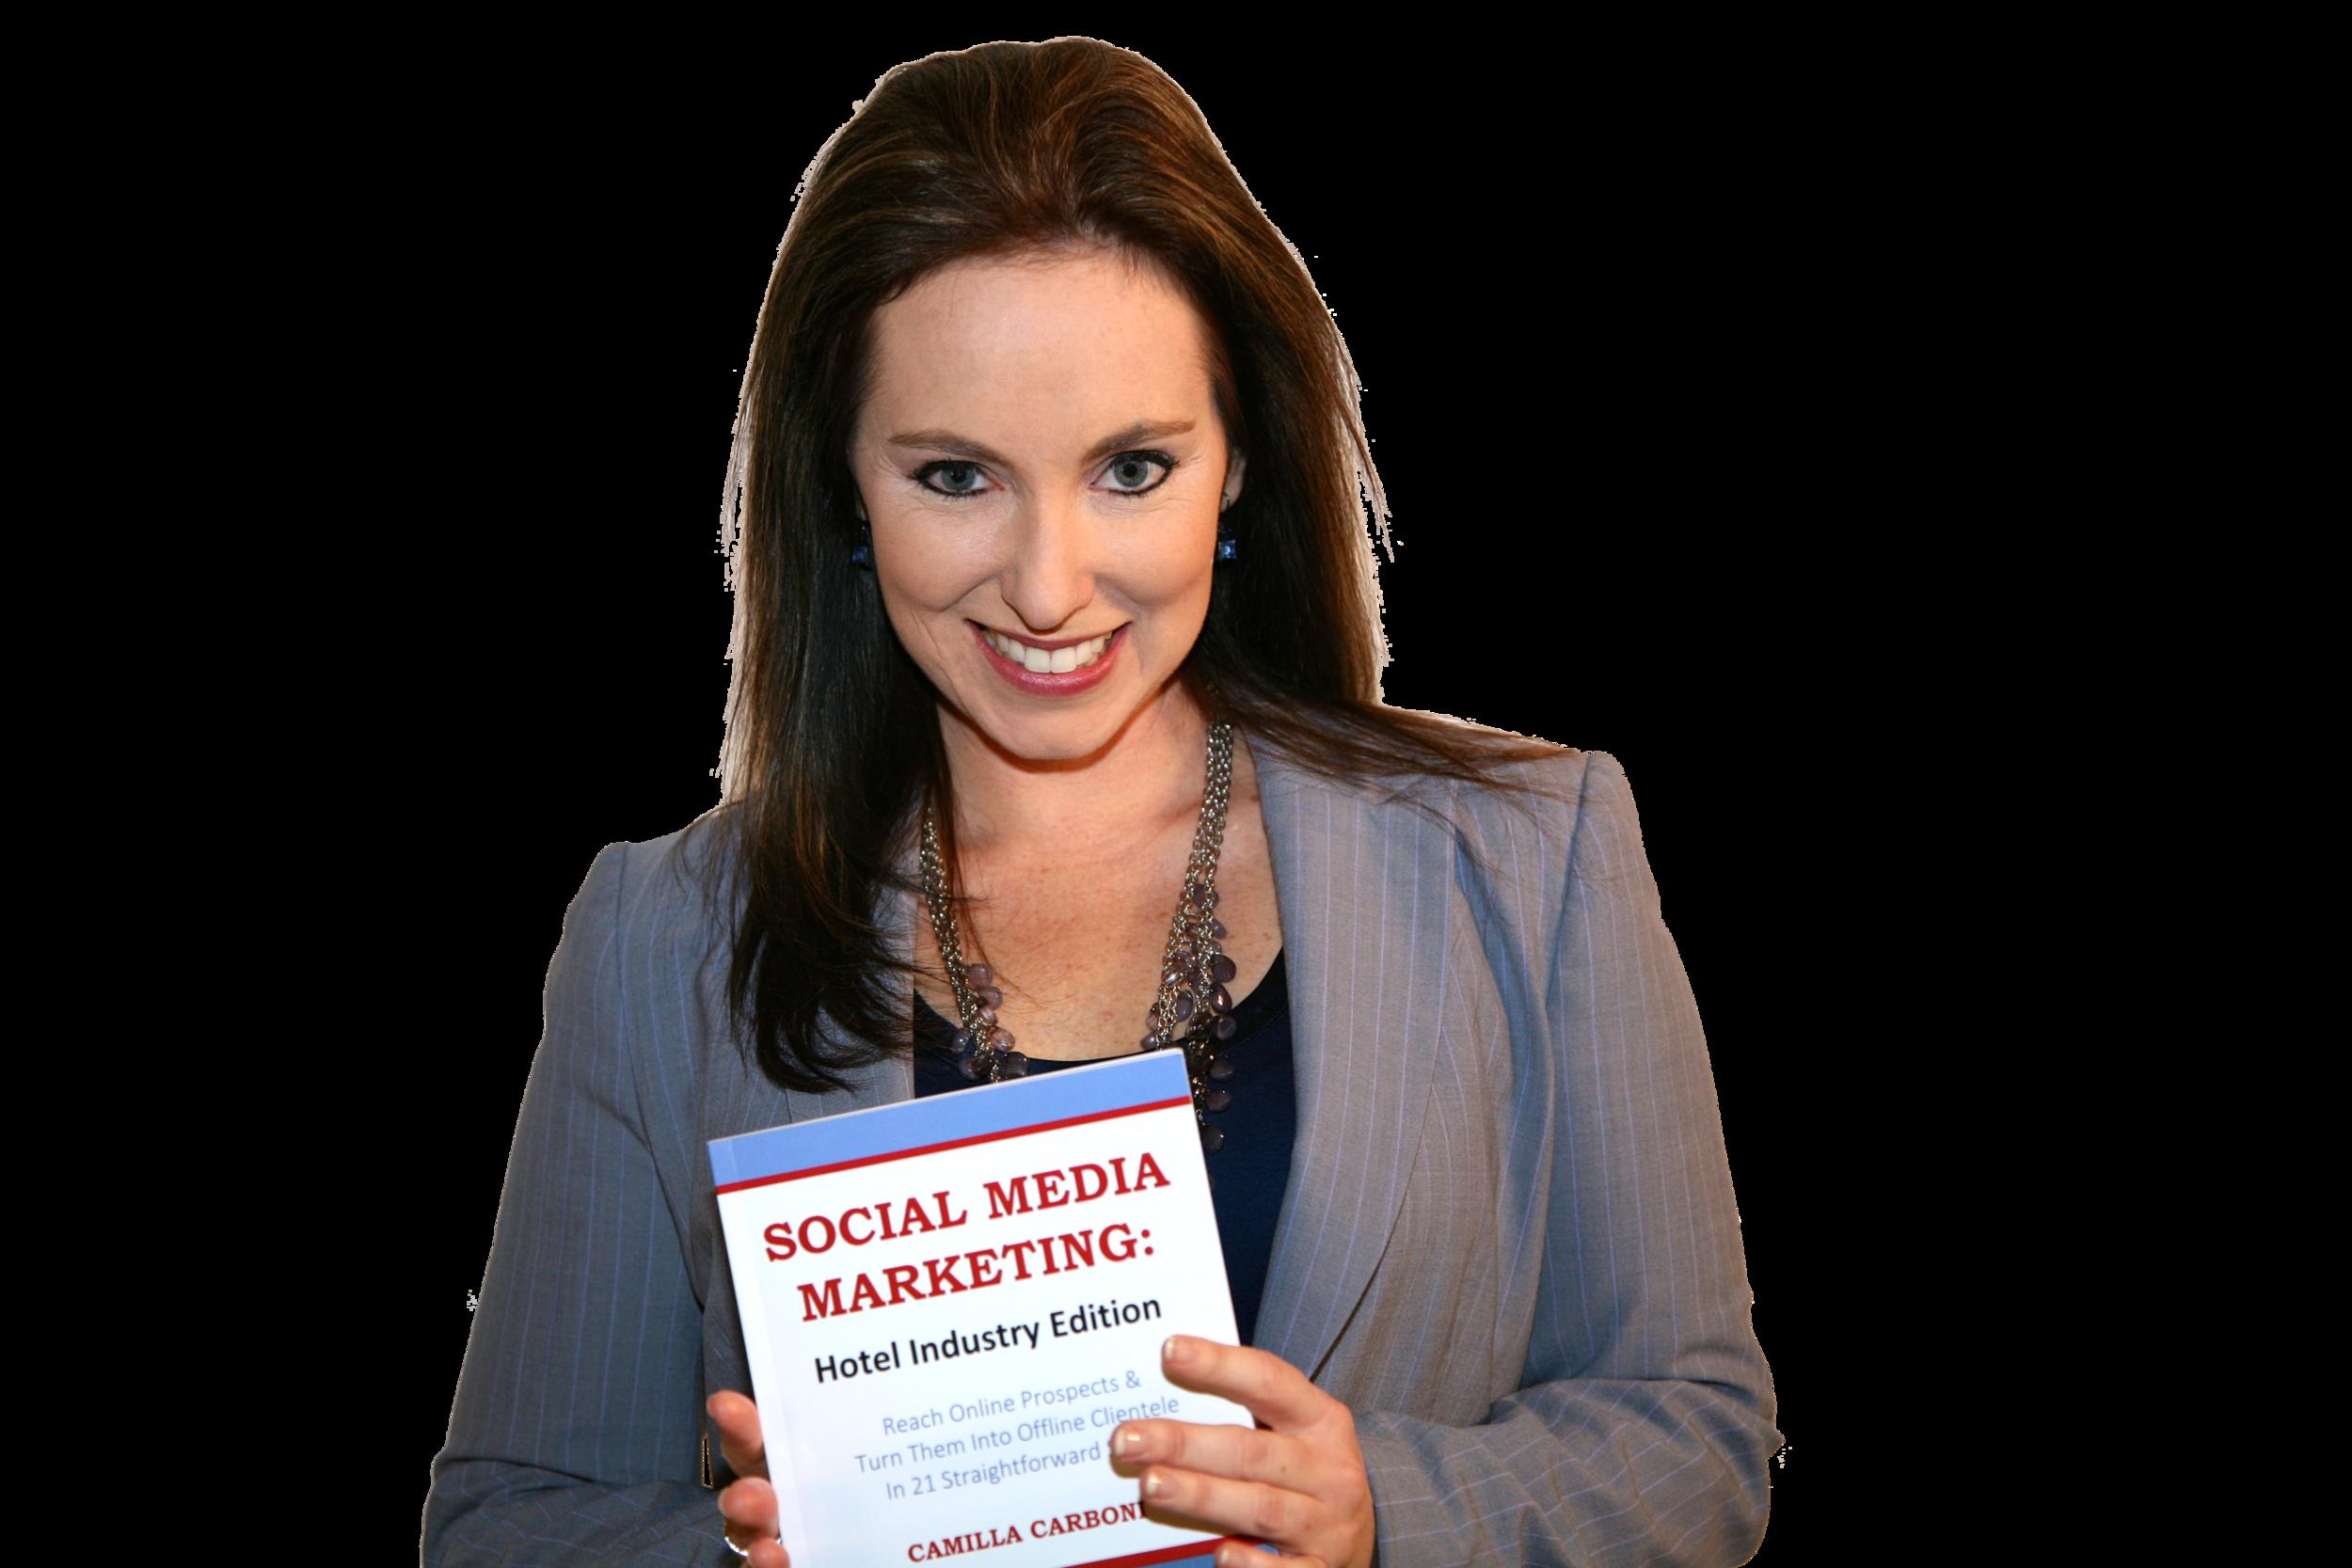 Camilla Carboni - Marketing Books